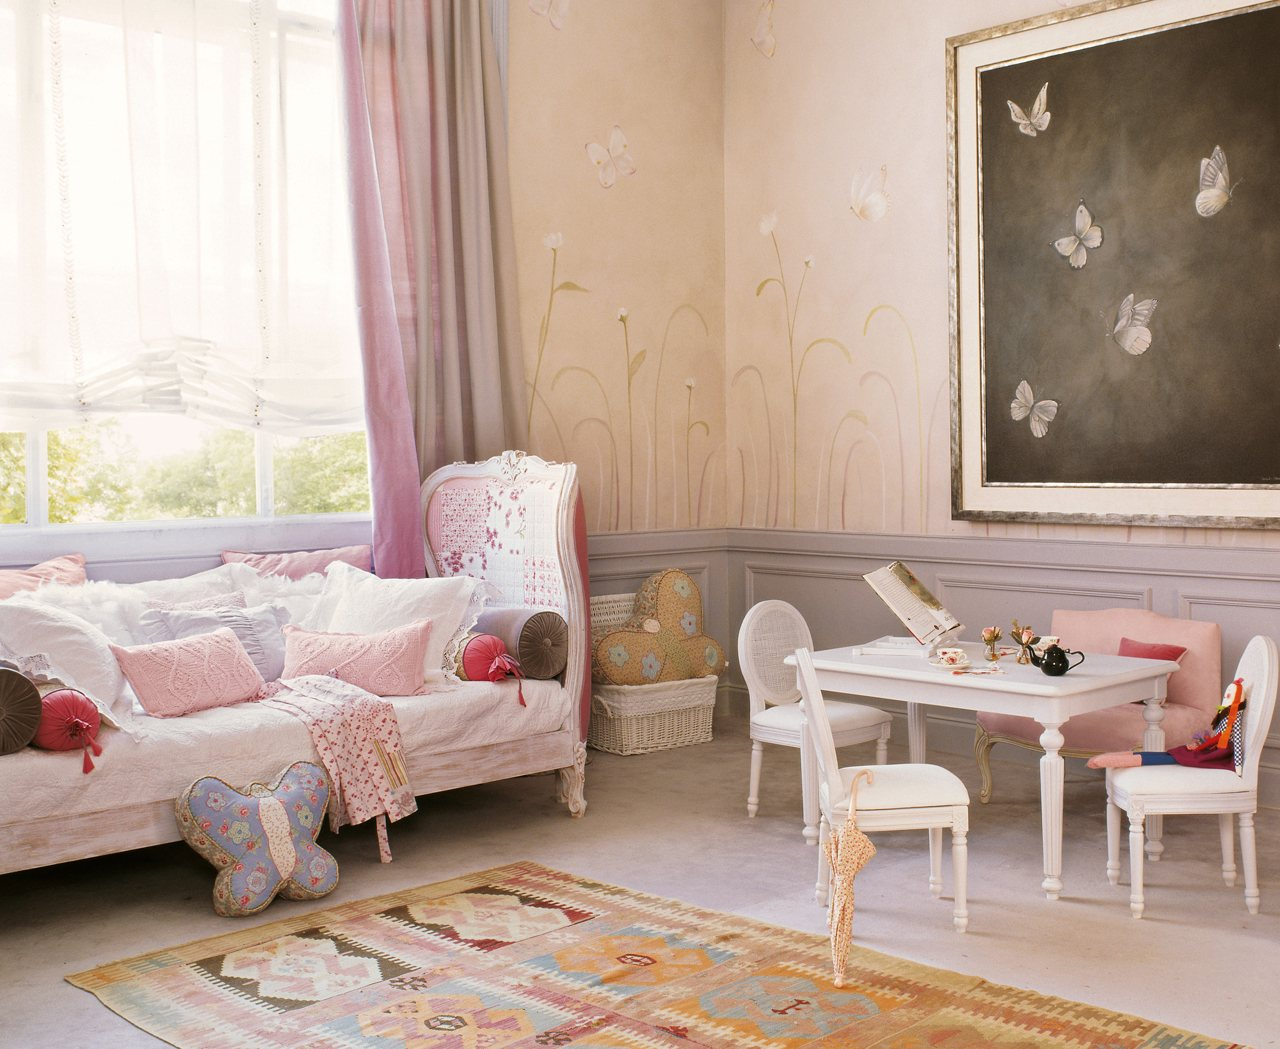 Trucos para recuperar muebles y piezas de decoraci n viejas - Sofa dormitorio ...